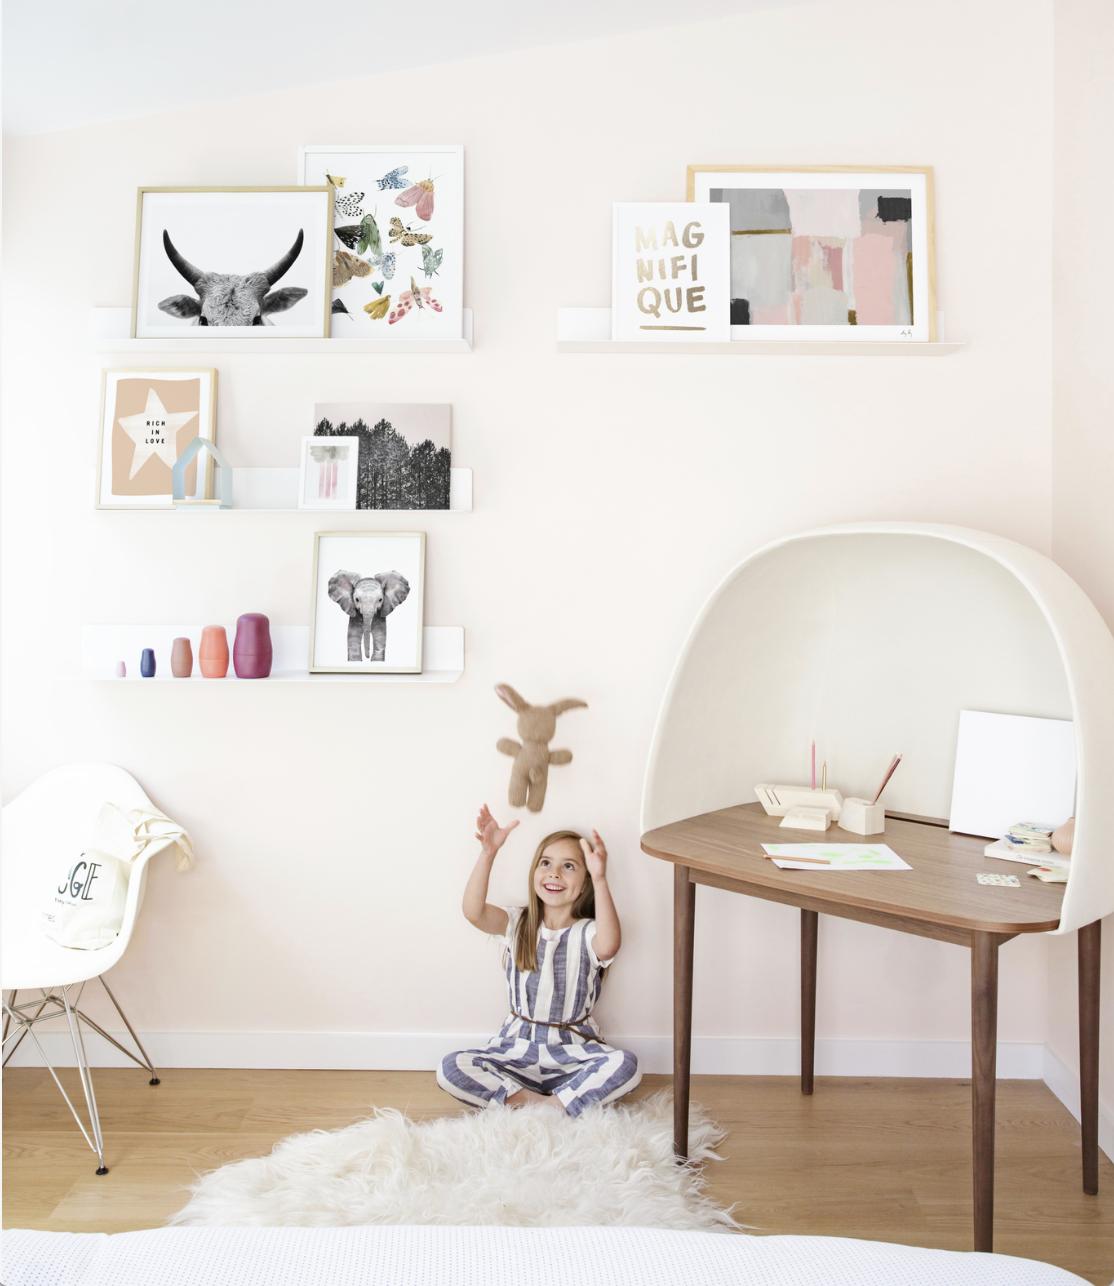 tips for picking art for your home - Children's art on Pinteresting Plans